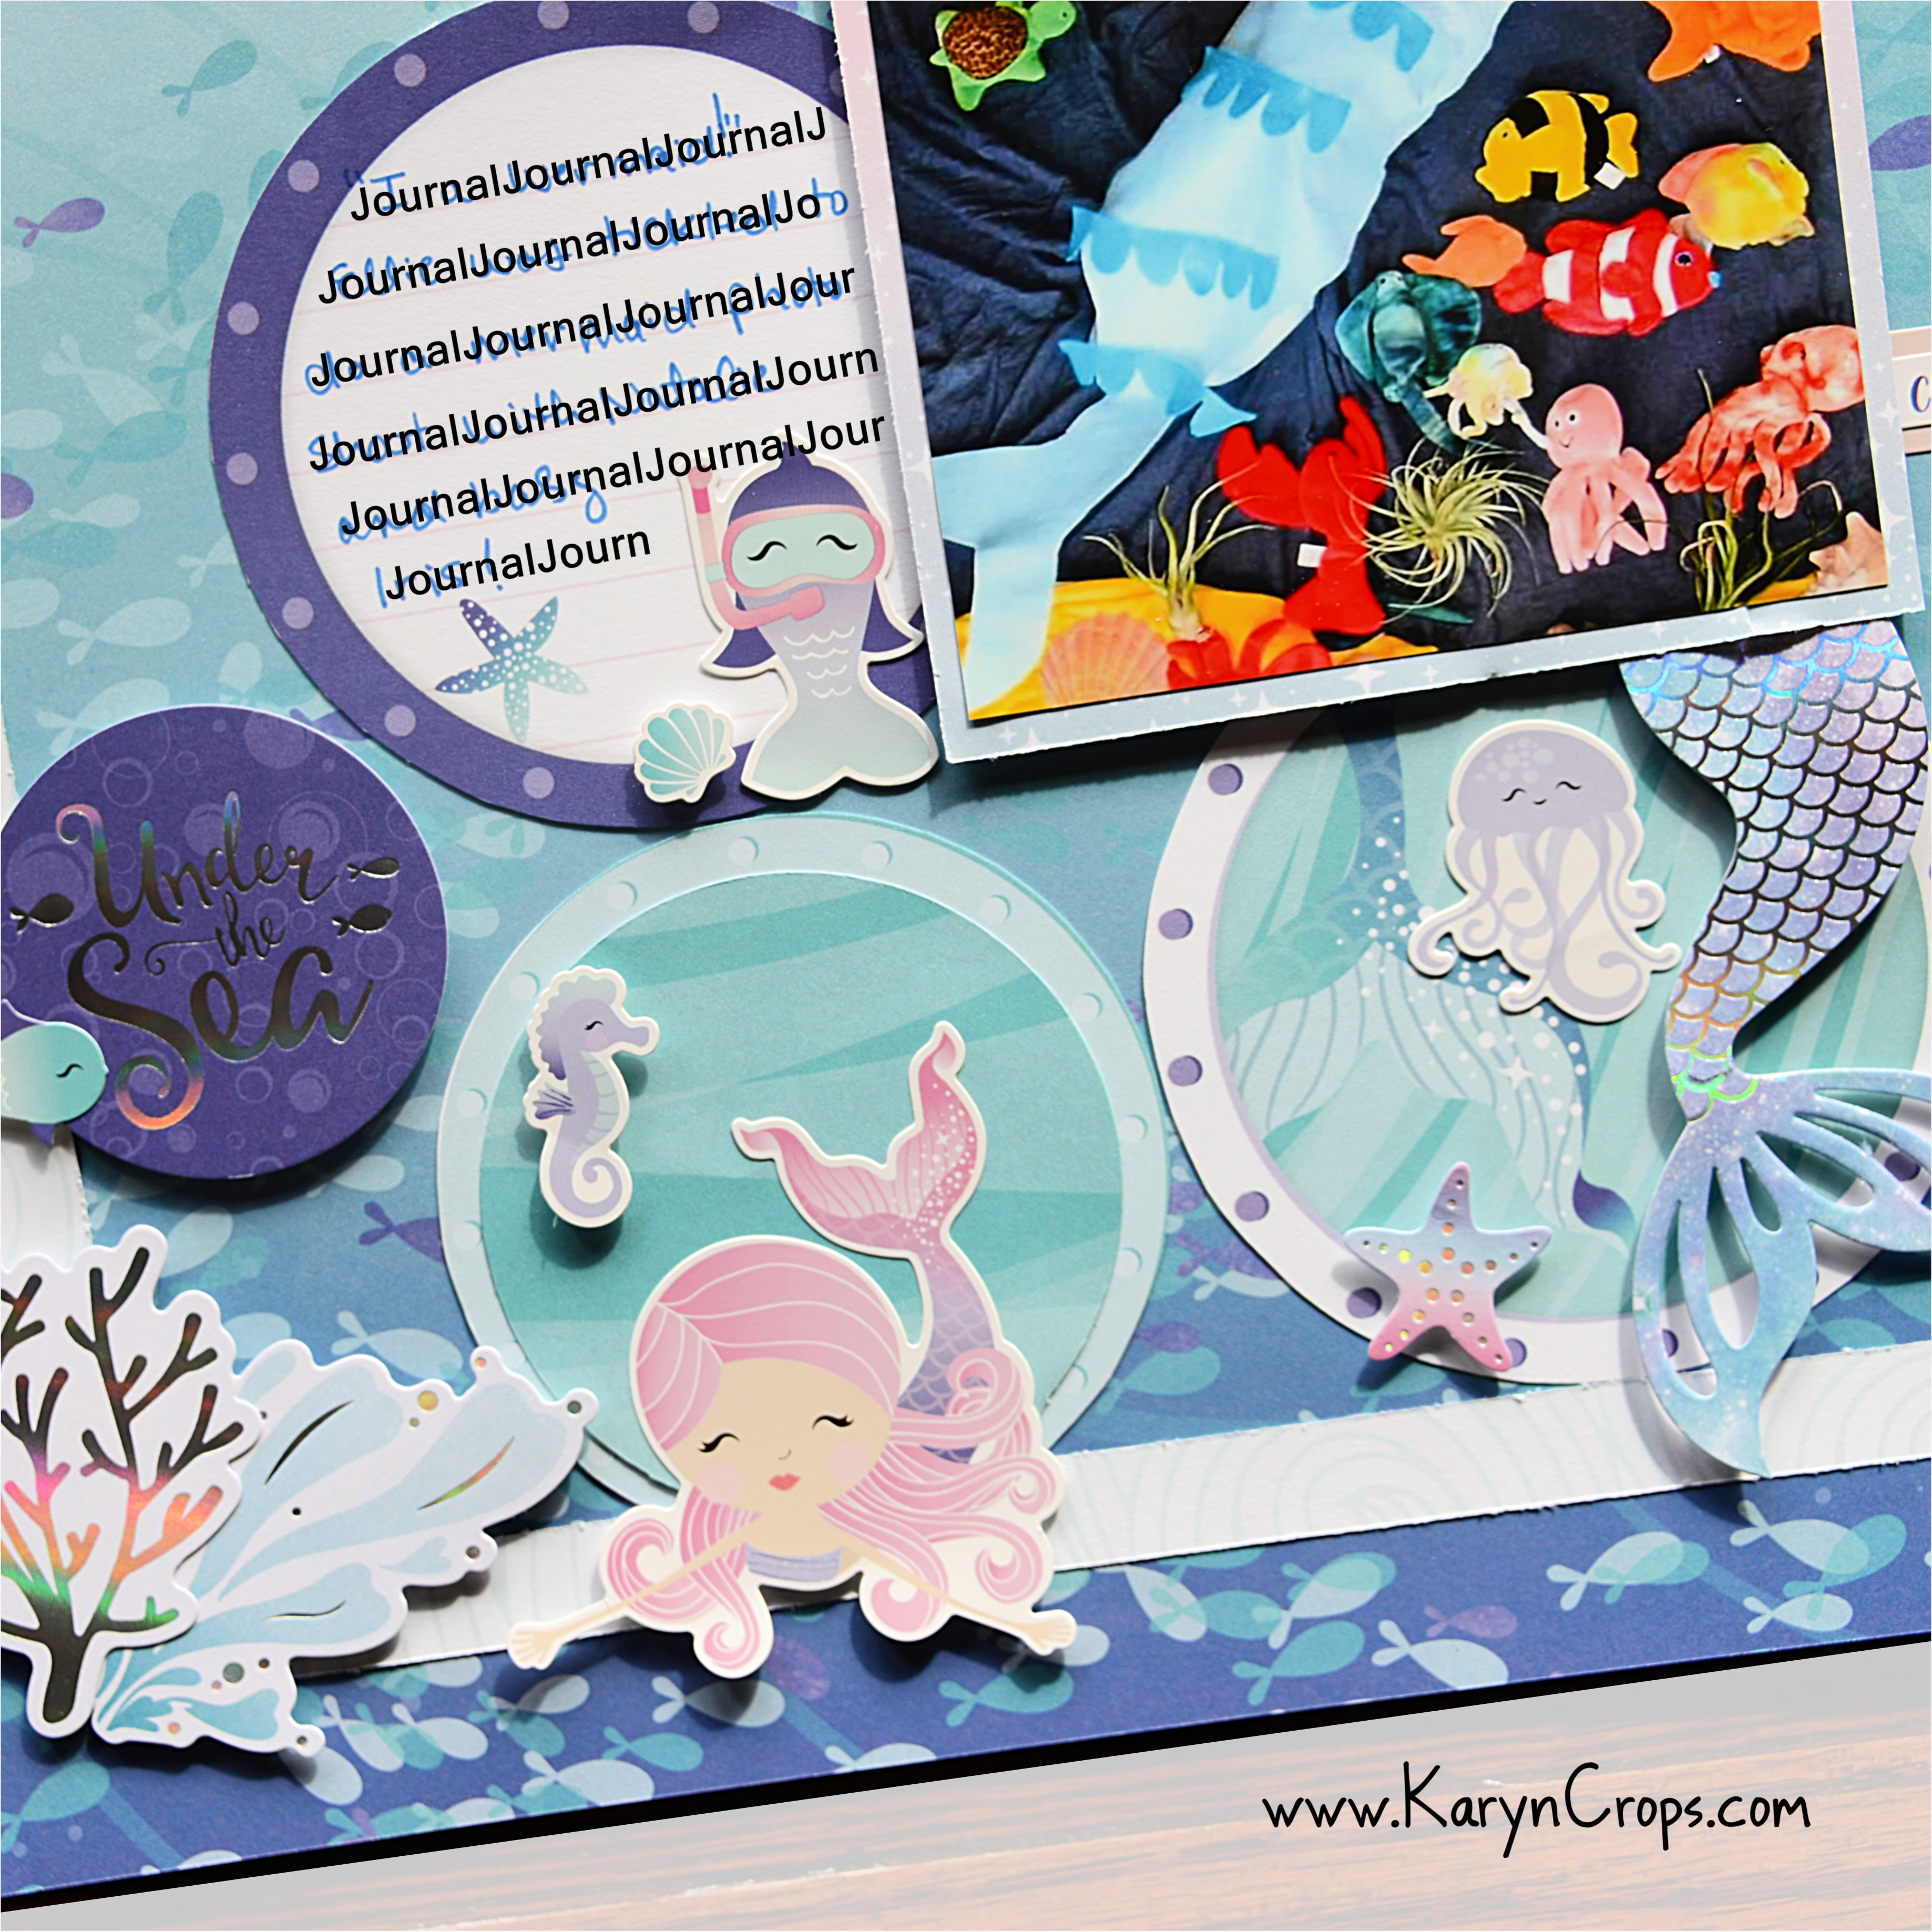 karyncropsmermaidcovelayouts - page 075